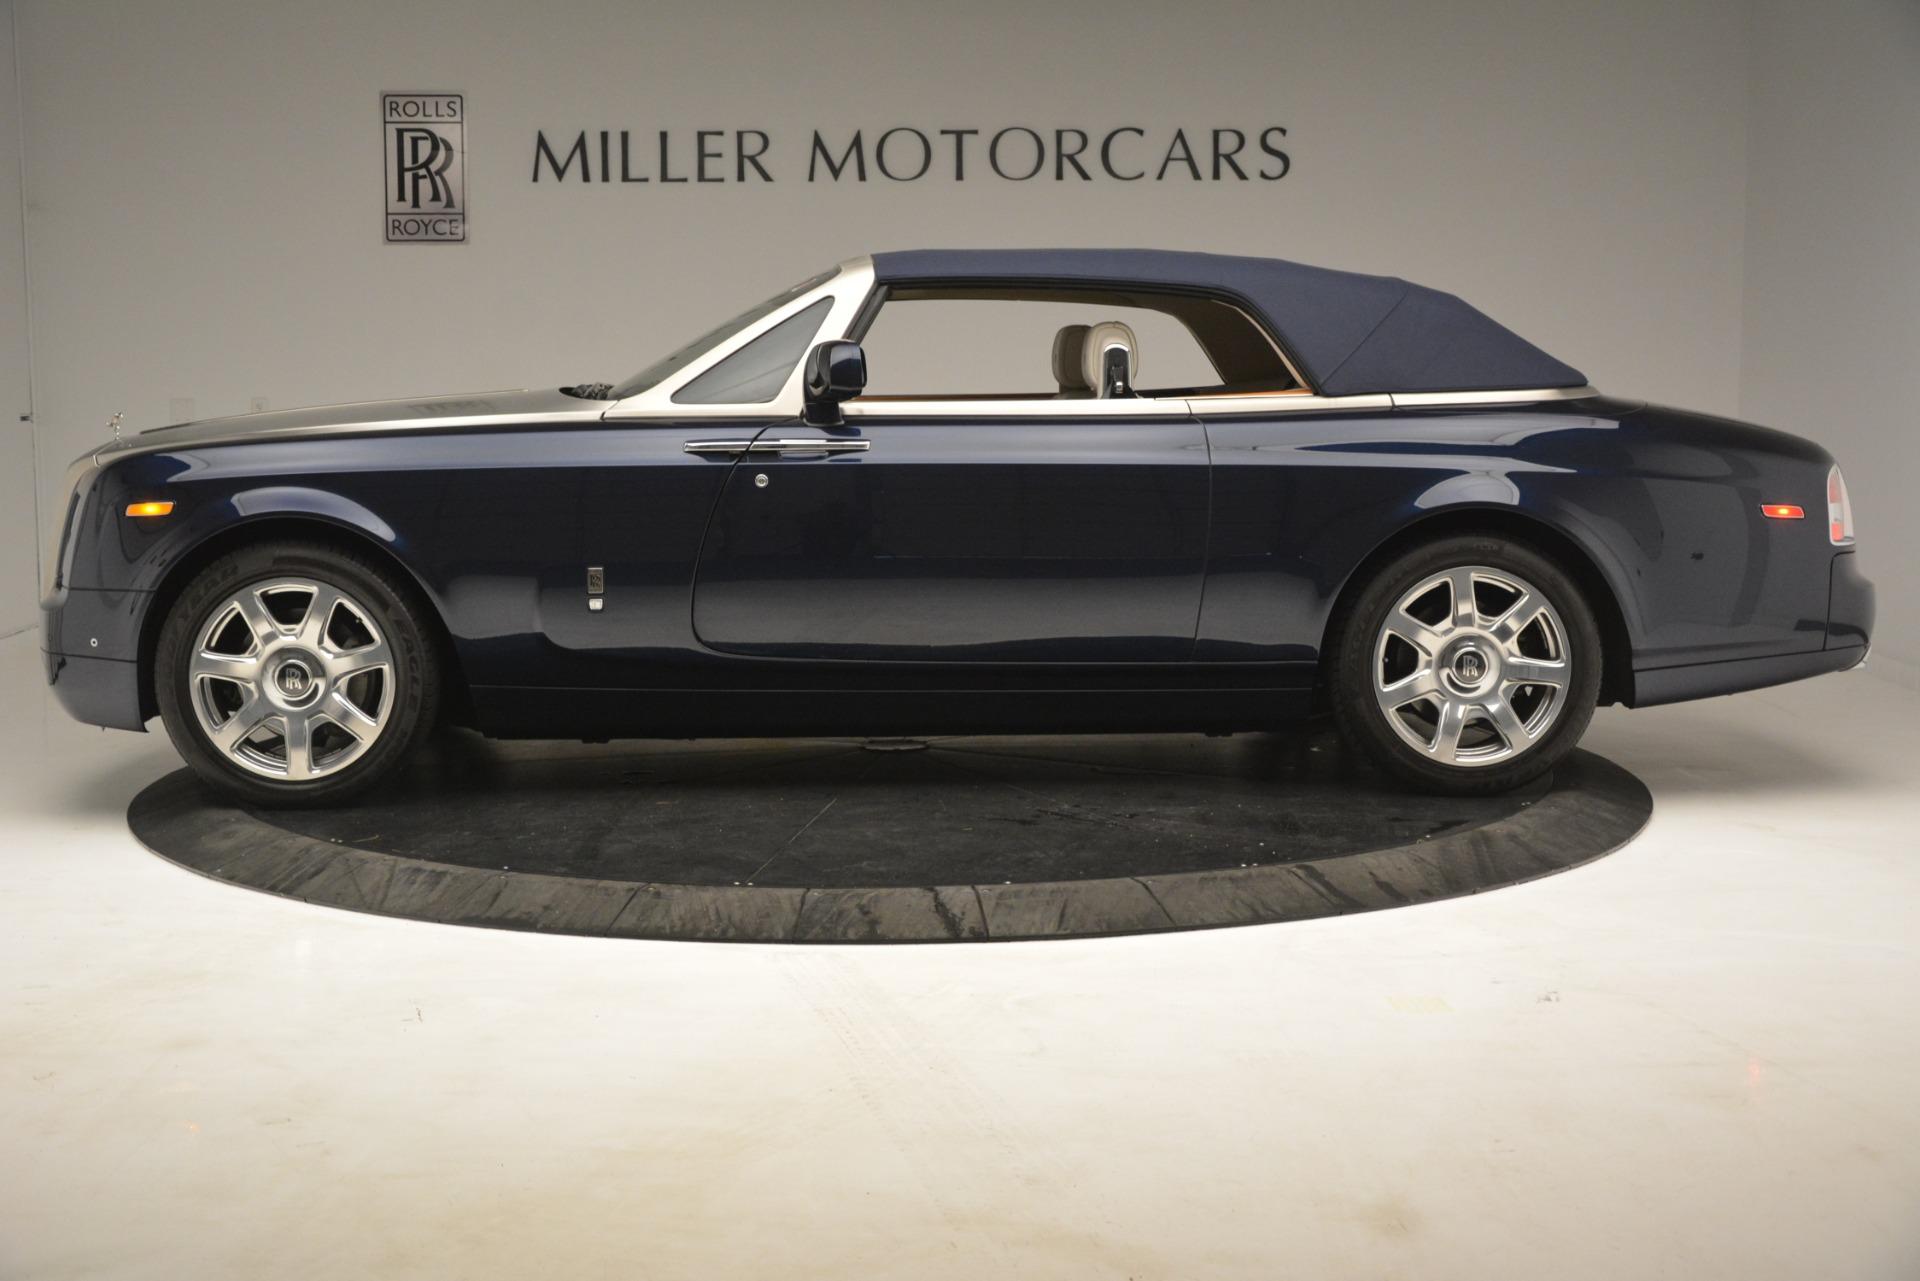 Used 2013 Rolls-Royce Phantom Drophead Coupe  For Sale In Westport, CT 2999_p18